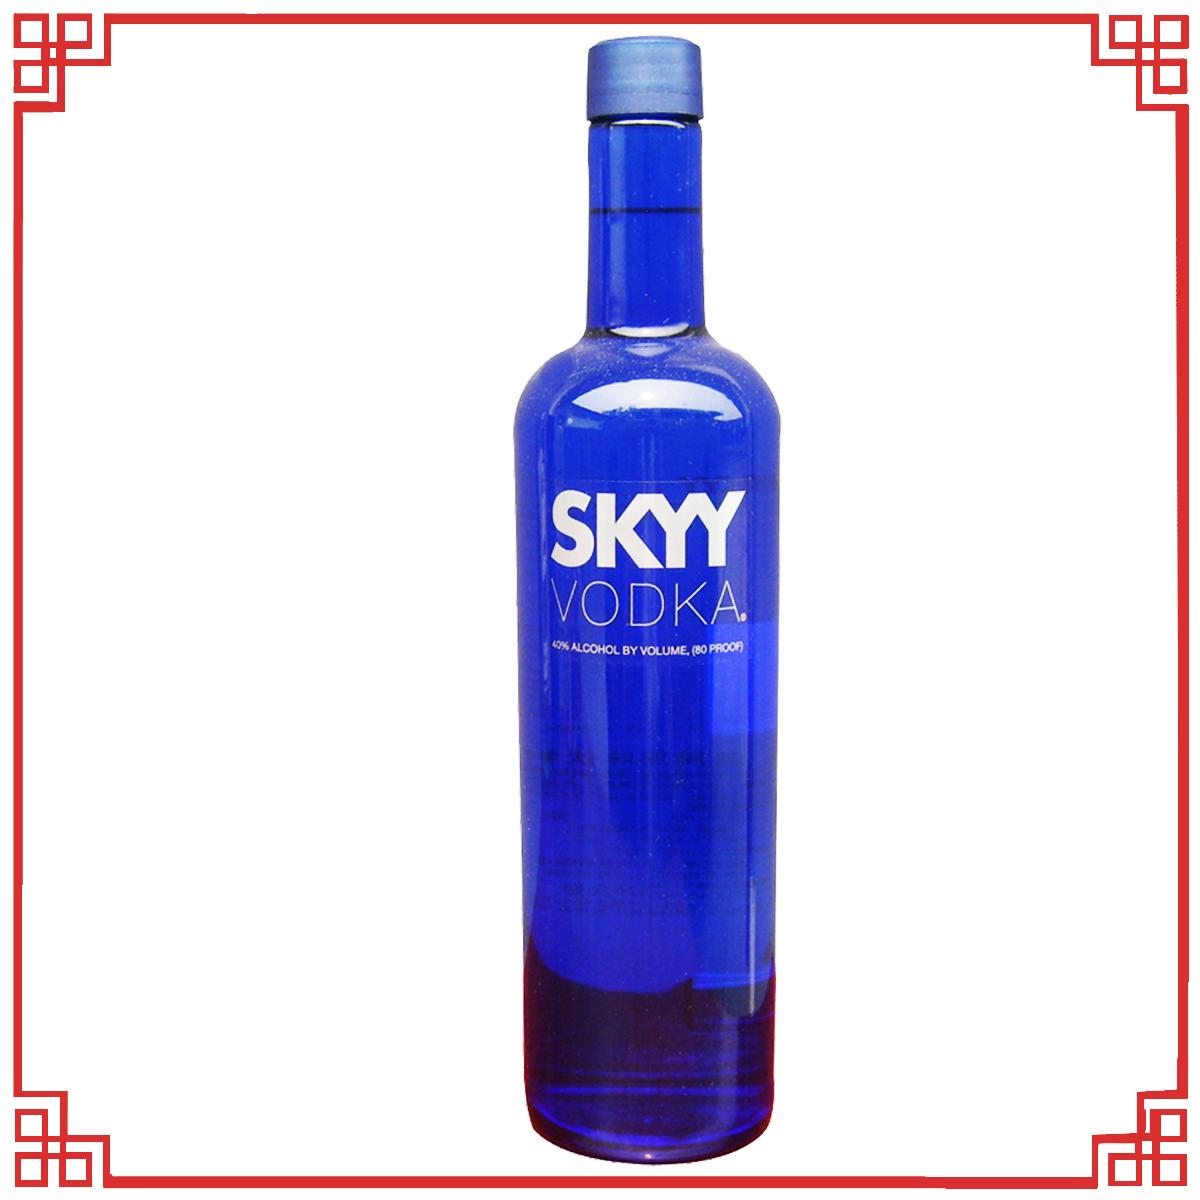 洋酒 正品特价 美国蓝天 深蓝伏特加 SKYY VODKA 750毫升